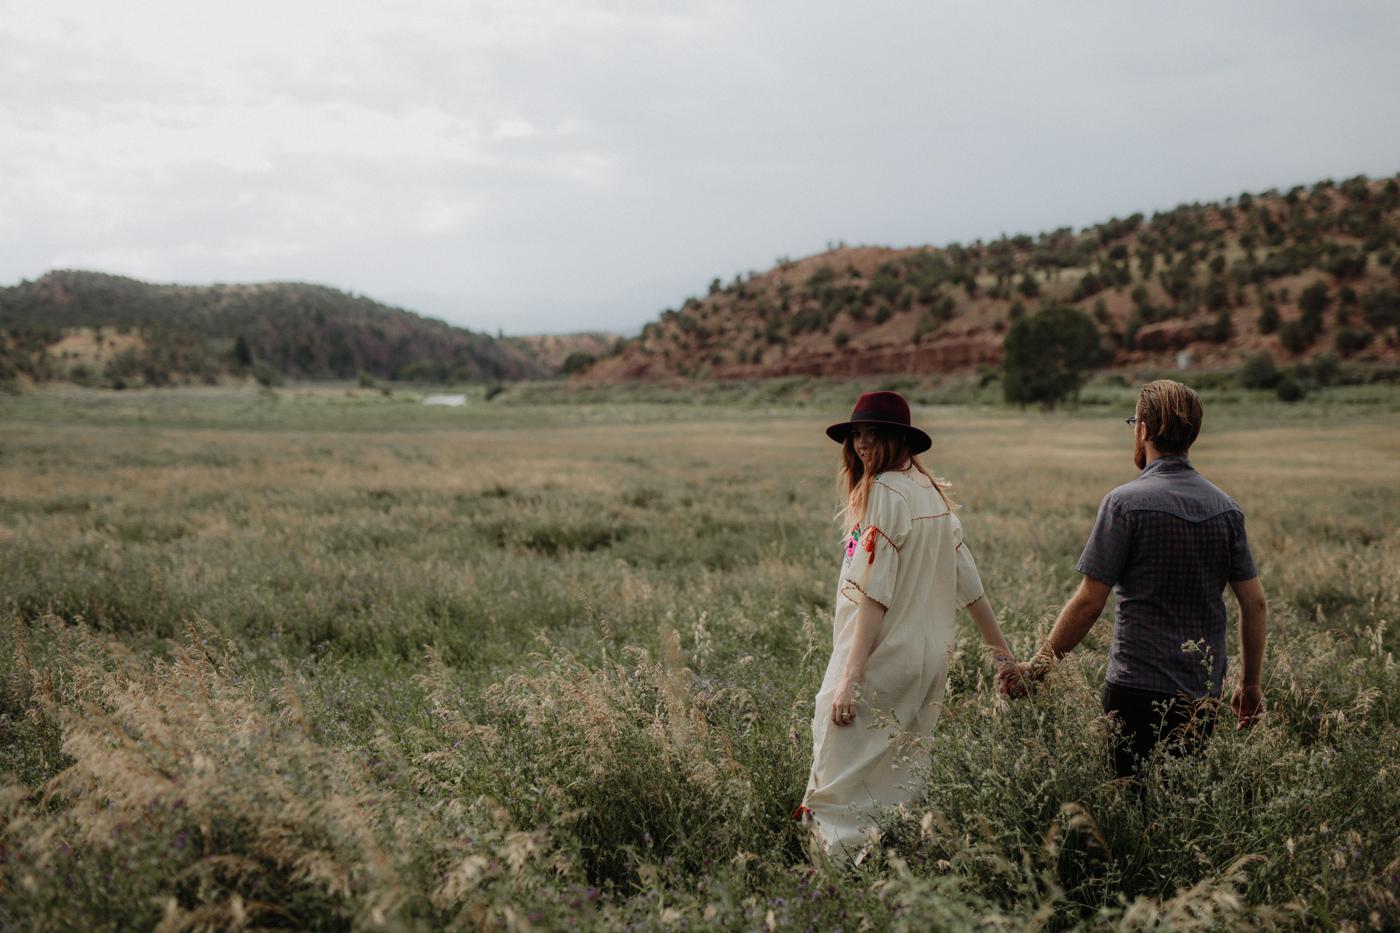 030-jones-max-colorado-ranch-engagement-photos.jpg